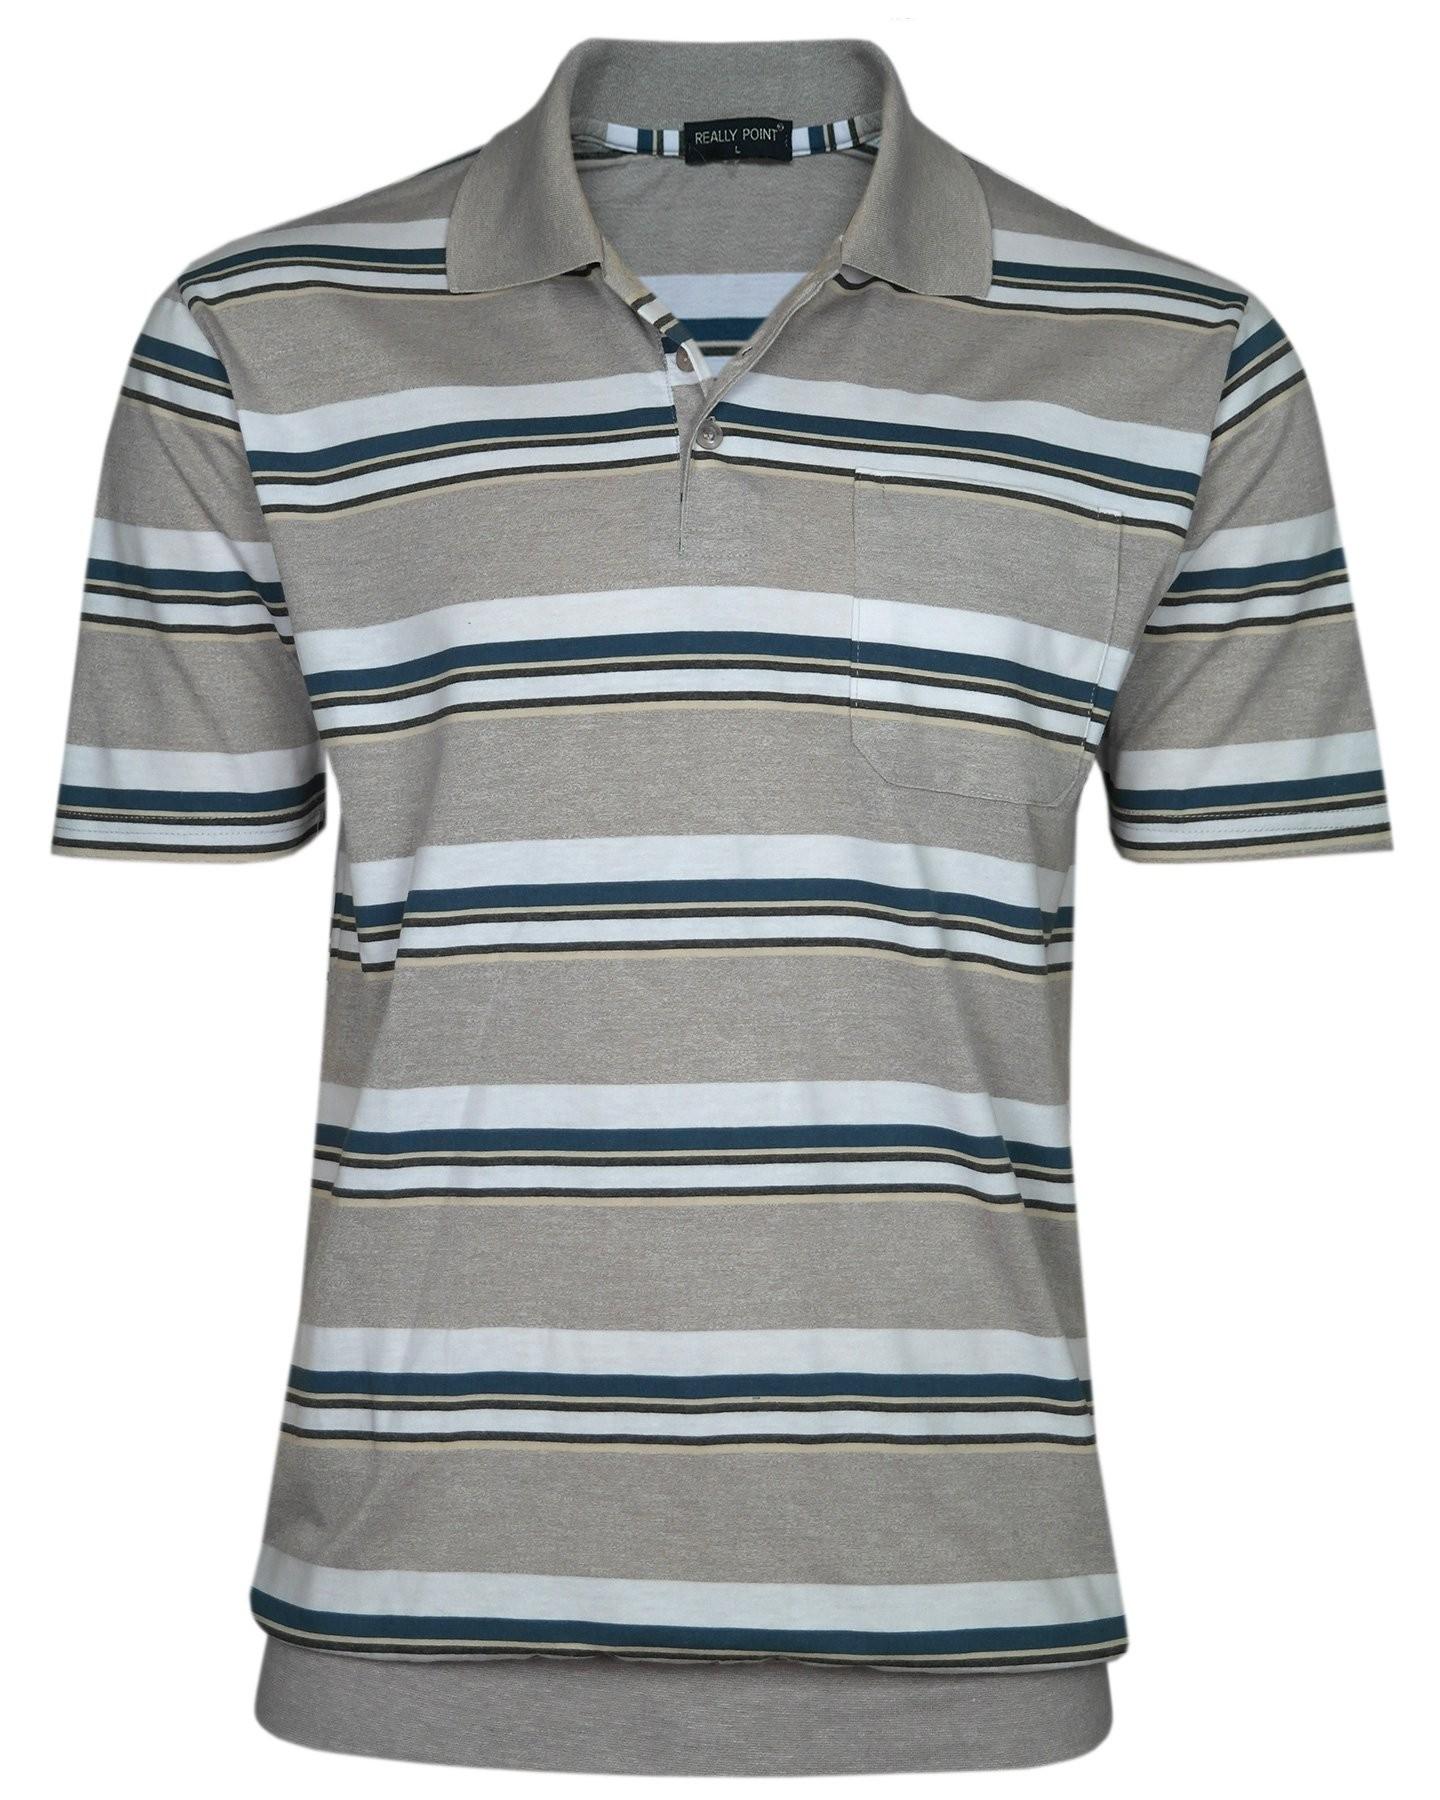 Jersey Blousonshirts im Ringeln-Look - Beige